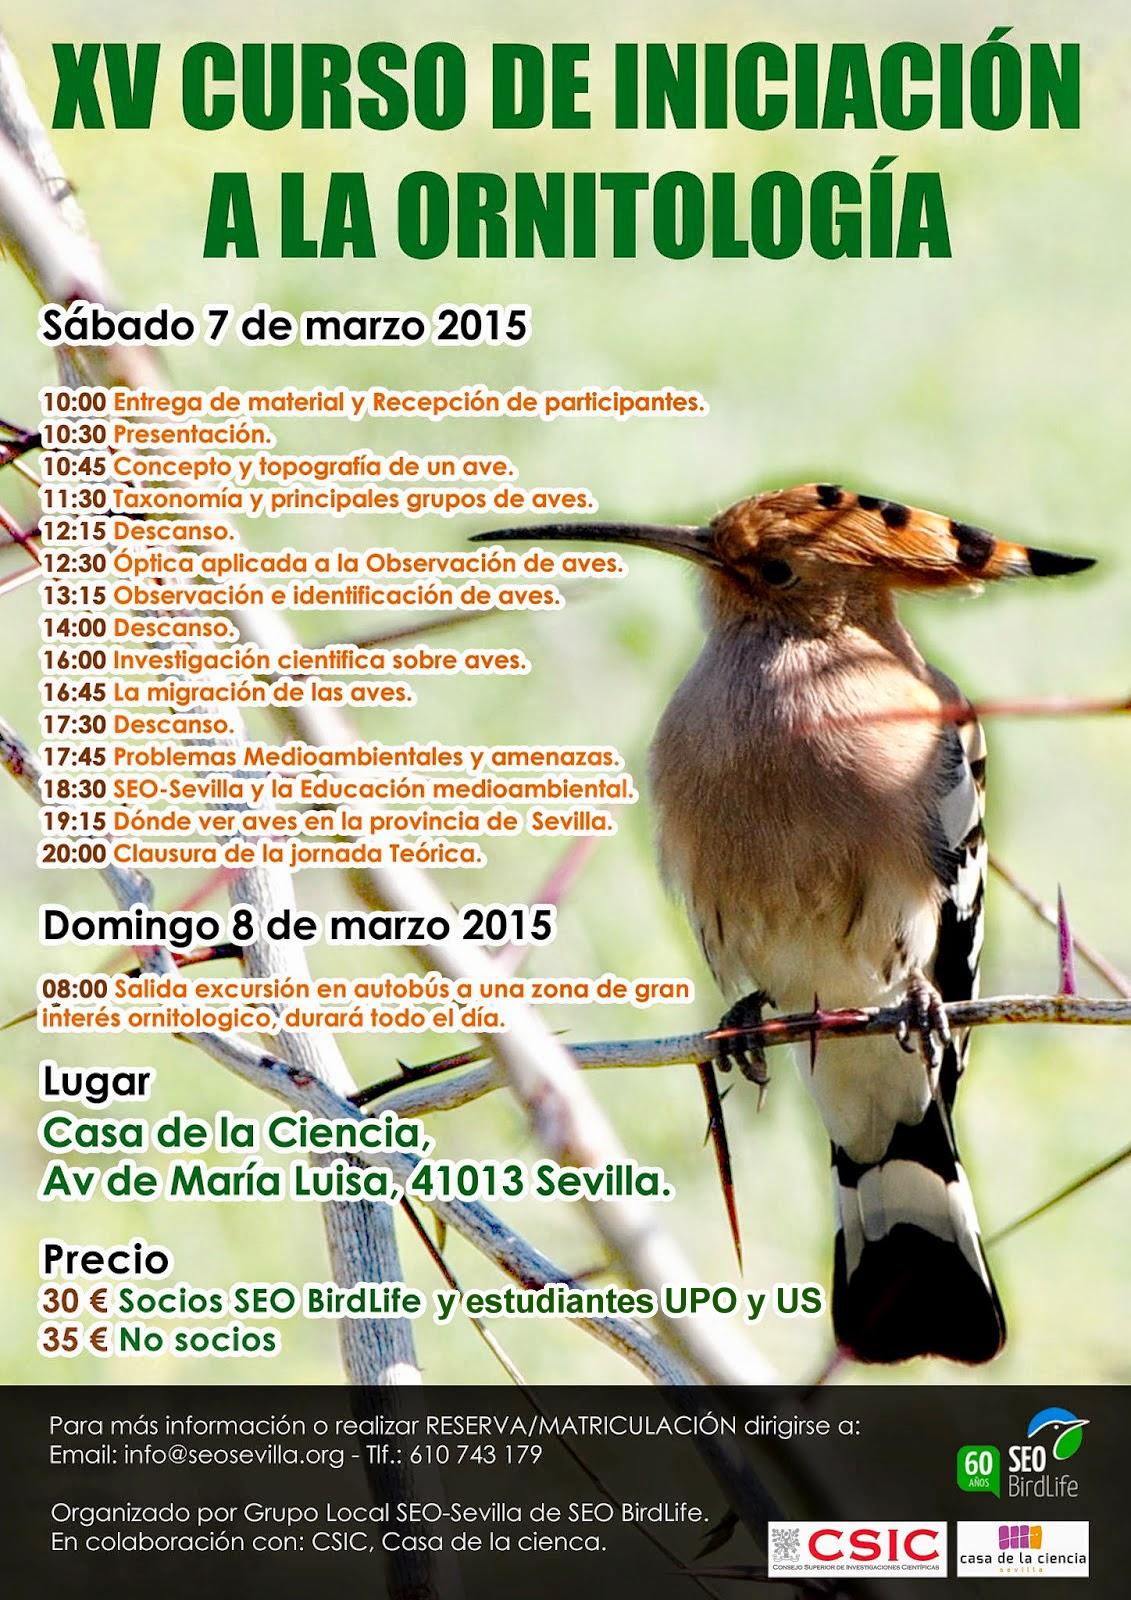 XV Curso de Iniciación a la Ornitología, Edición 2015. Ver, conocer y conservar las aves y sus hábitats. Grupo Local SEO-Sevilla de SEO/BirdLife